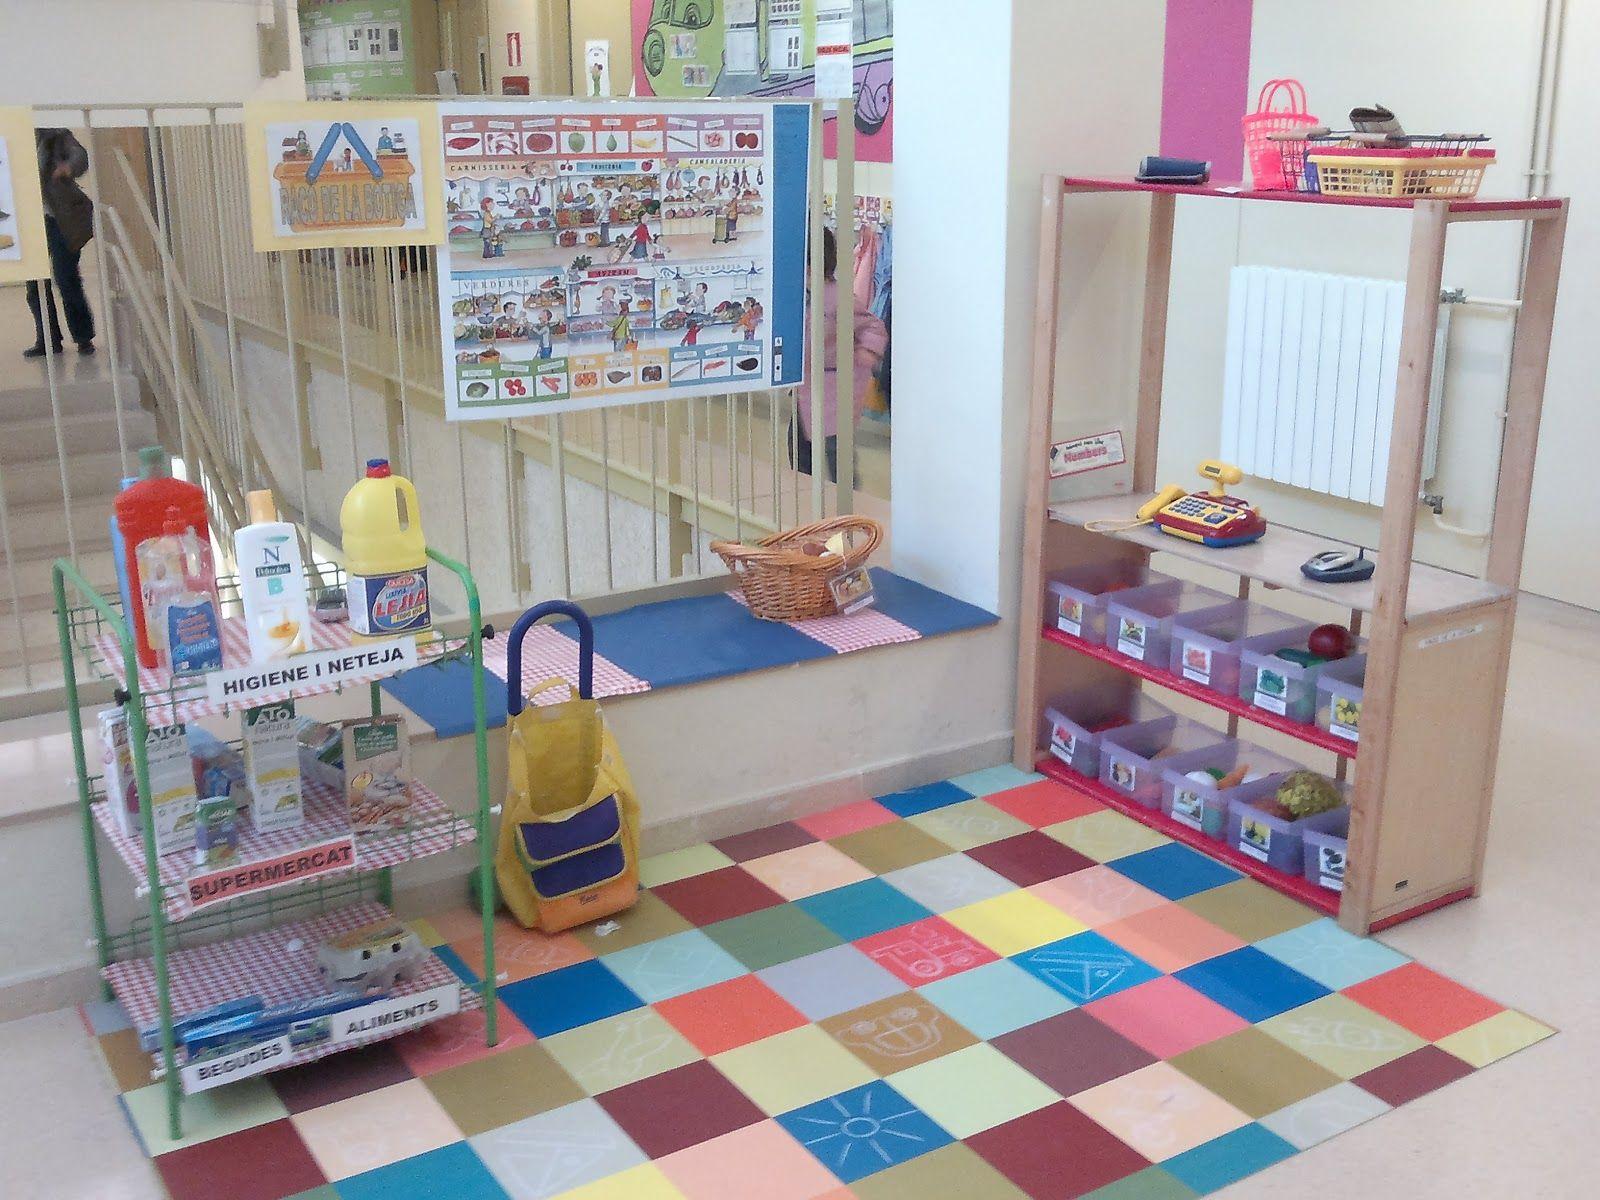 Rac de la botiga pre school juego simbolico aula y - La botigueta ...